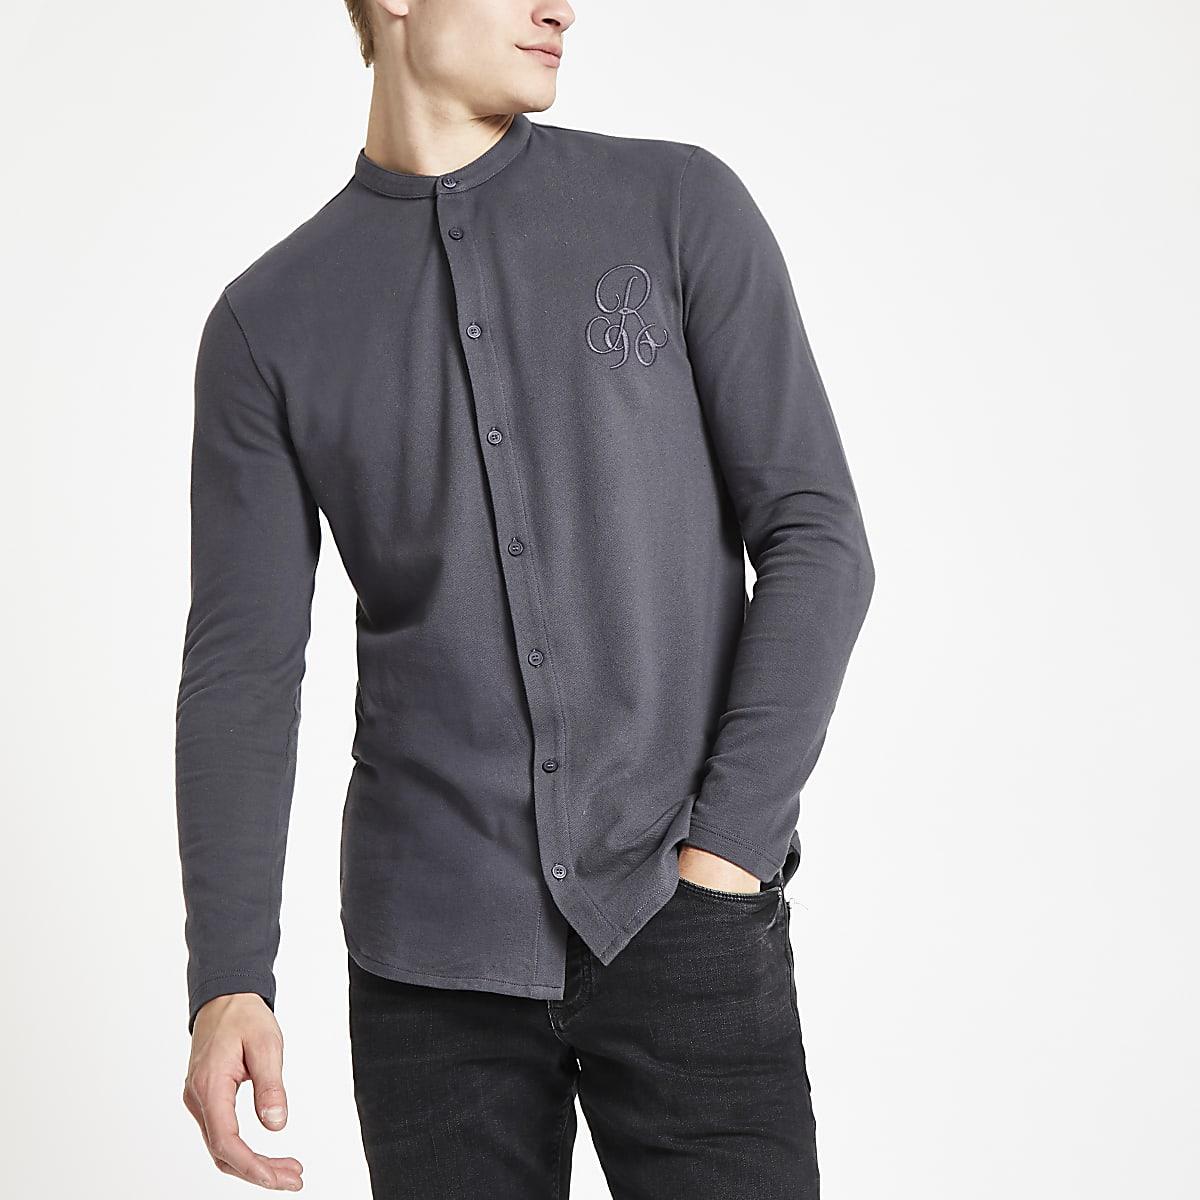 Donkergrijs Overhemd.Donkergrijs Aansluitend Overhemd Zonder Kraag Met R96 Print